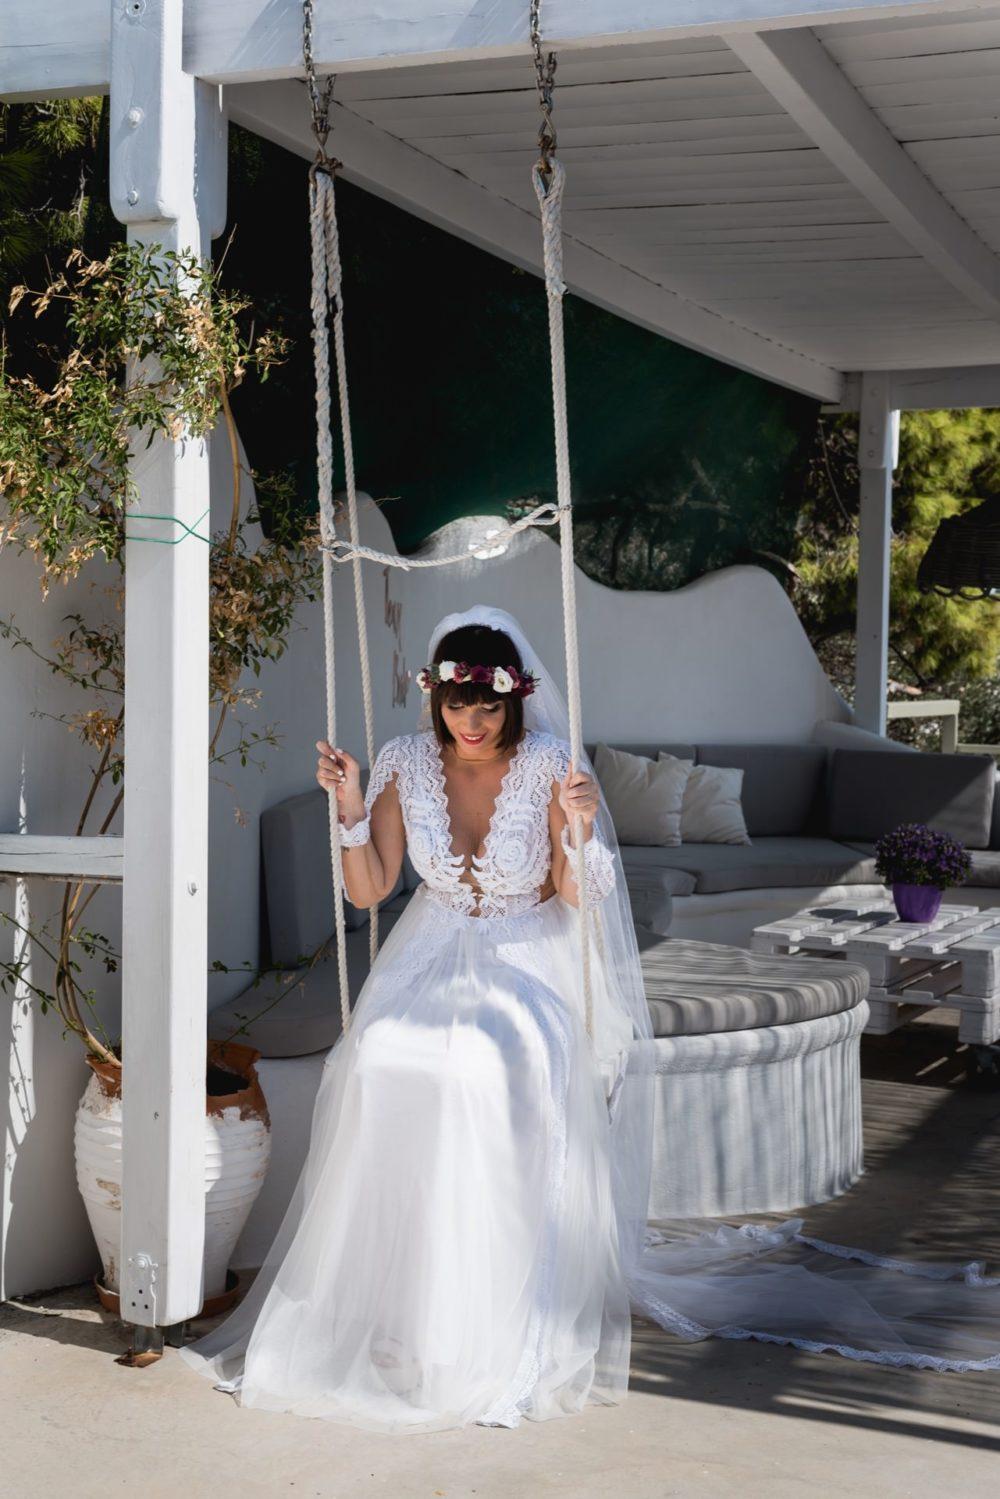 Fotografisi Gamou Wedding Gamos Fotografos Alekos & Mania070